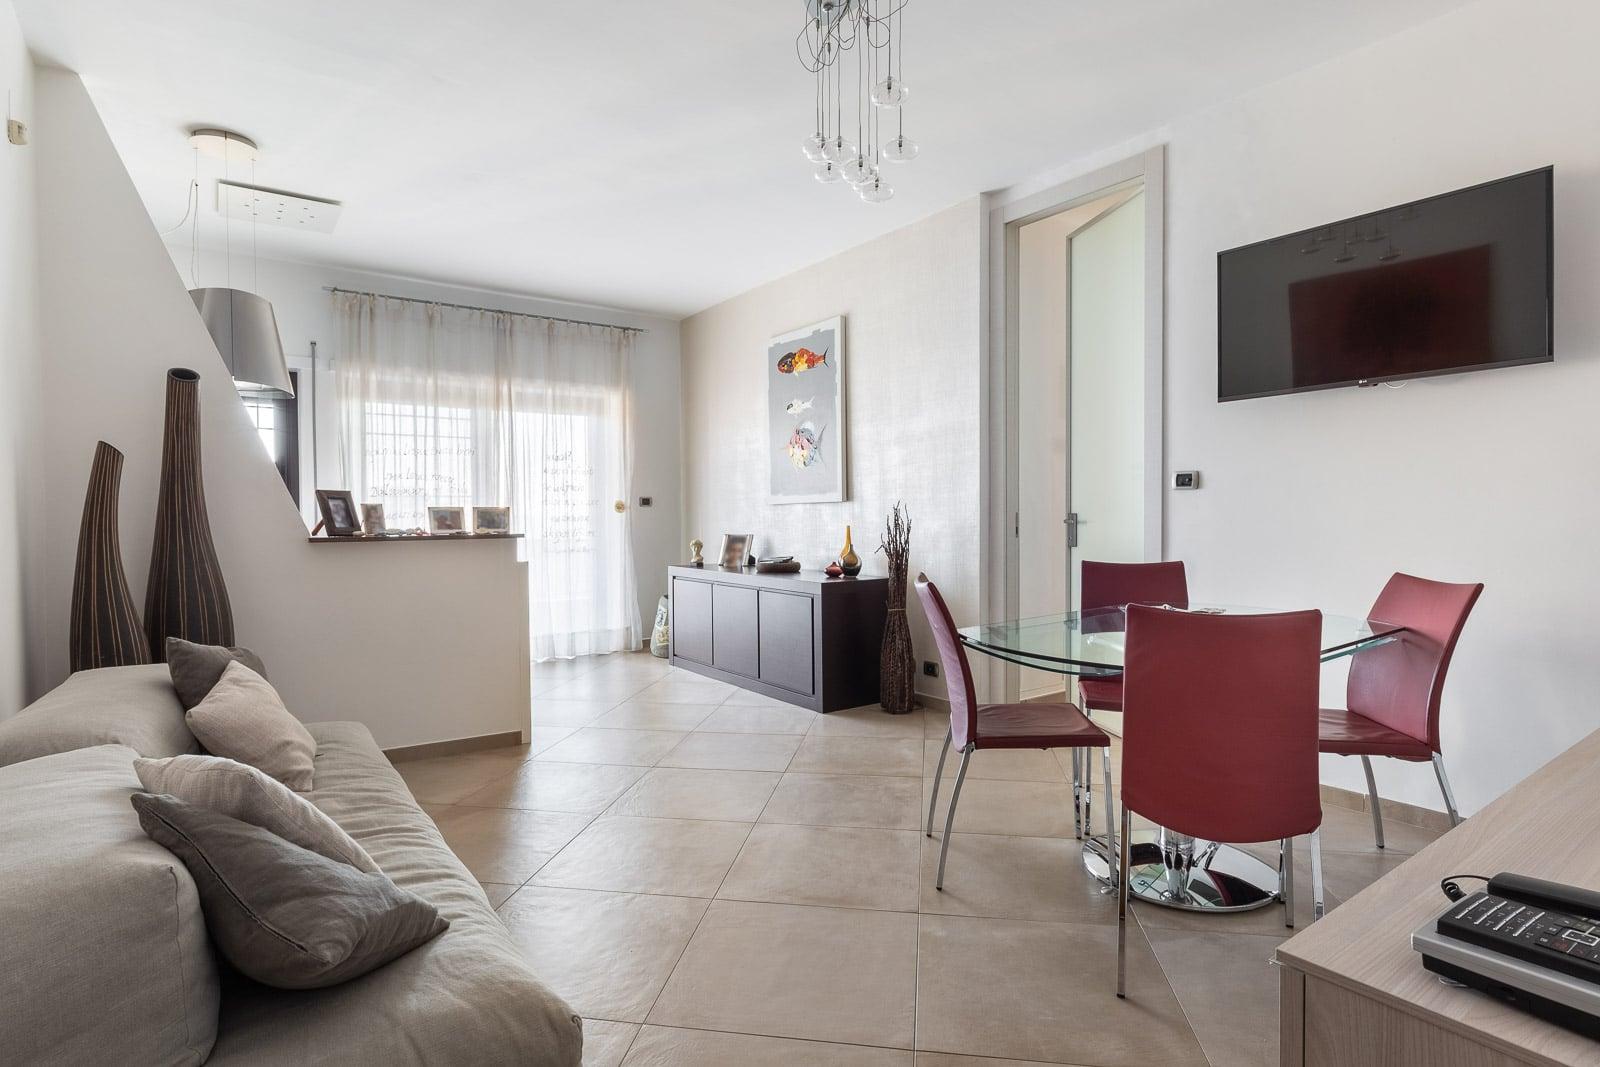 Immobiliare Delta appartamento Agata Gaeta Federico Viola fotografo immobiliare 1600 1 13